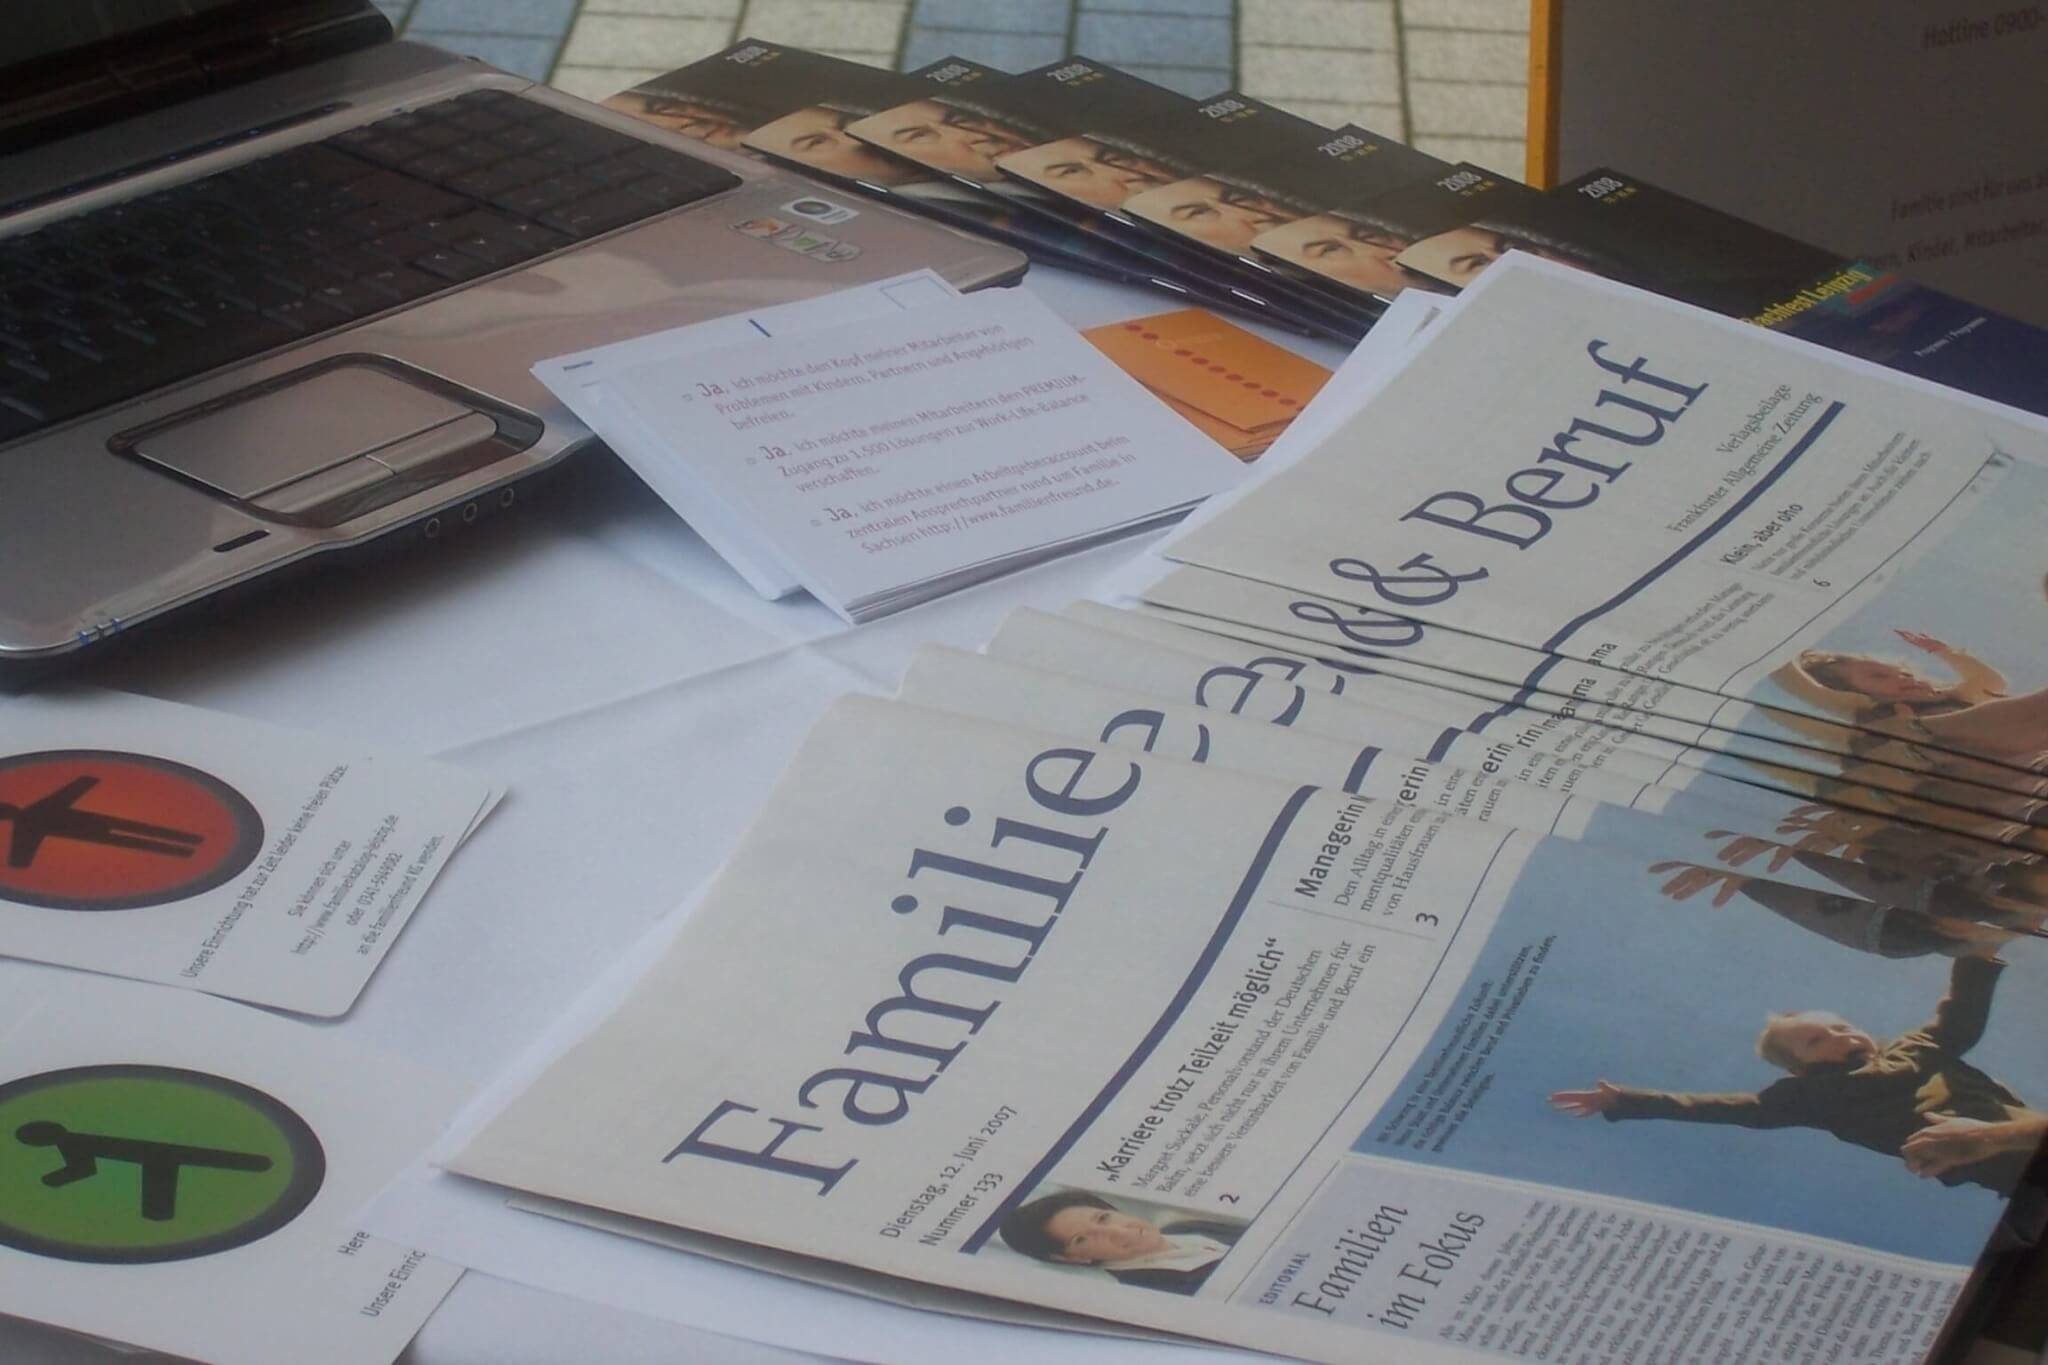 Familie und Beruf | Work-Life-Balance (c) familienfreund.de